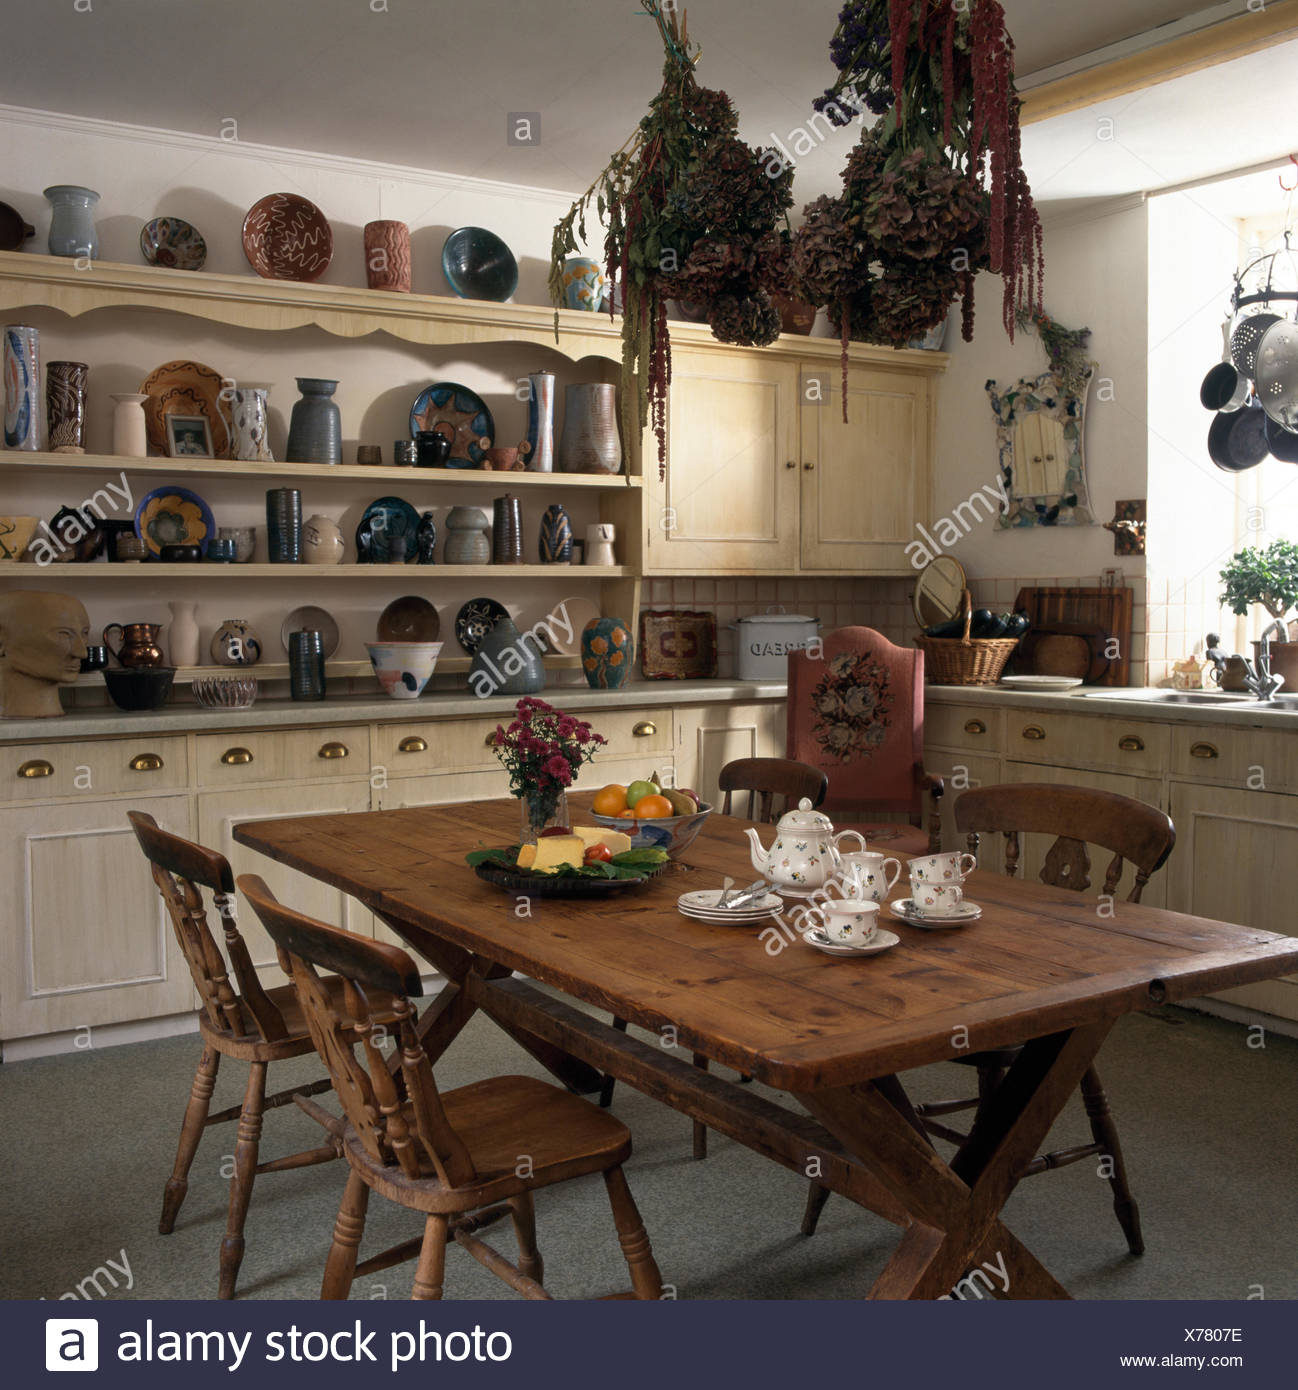 Moderno Mesa Y Sillas Cocina Del País Modelo - Ideas Del Gabinete de ...